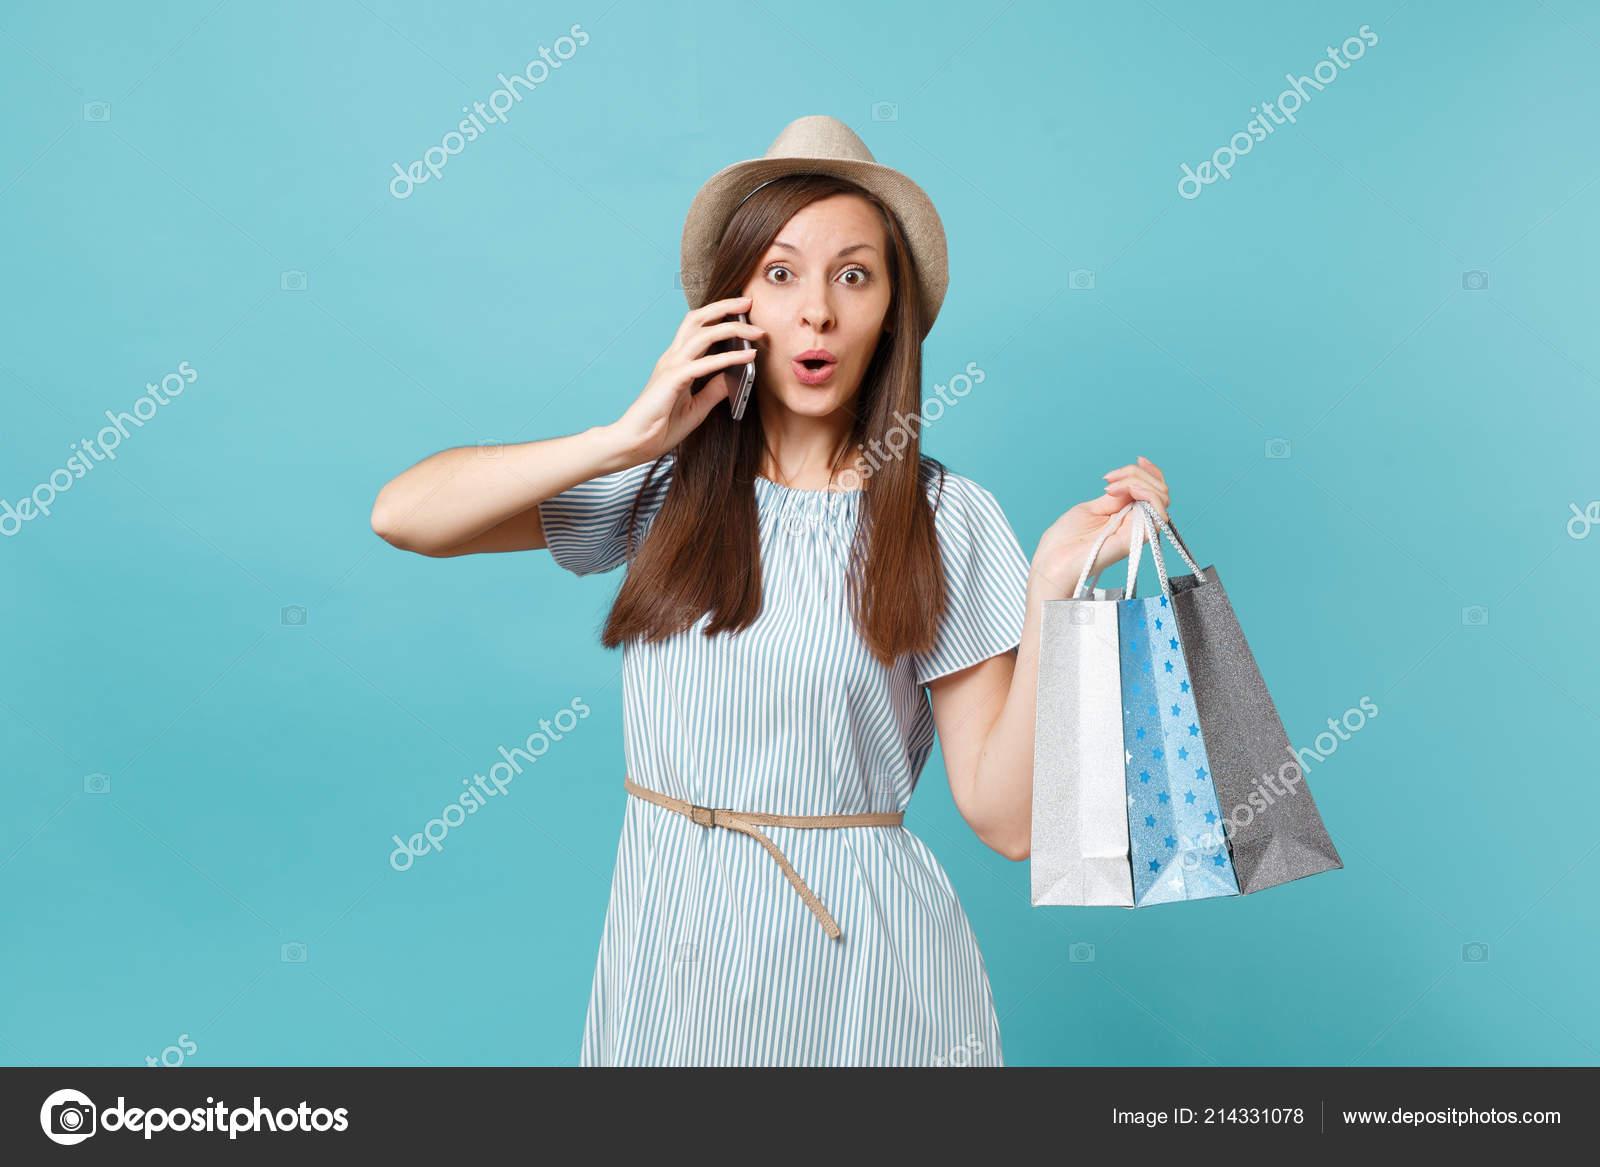 118f8cb33 Divertido Retrato Sonriente Mujer Vestido Verano Sombrero Paja Con ...